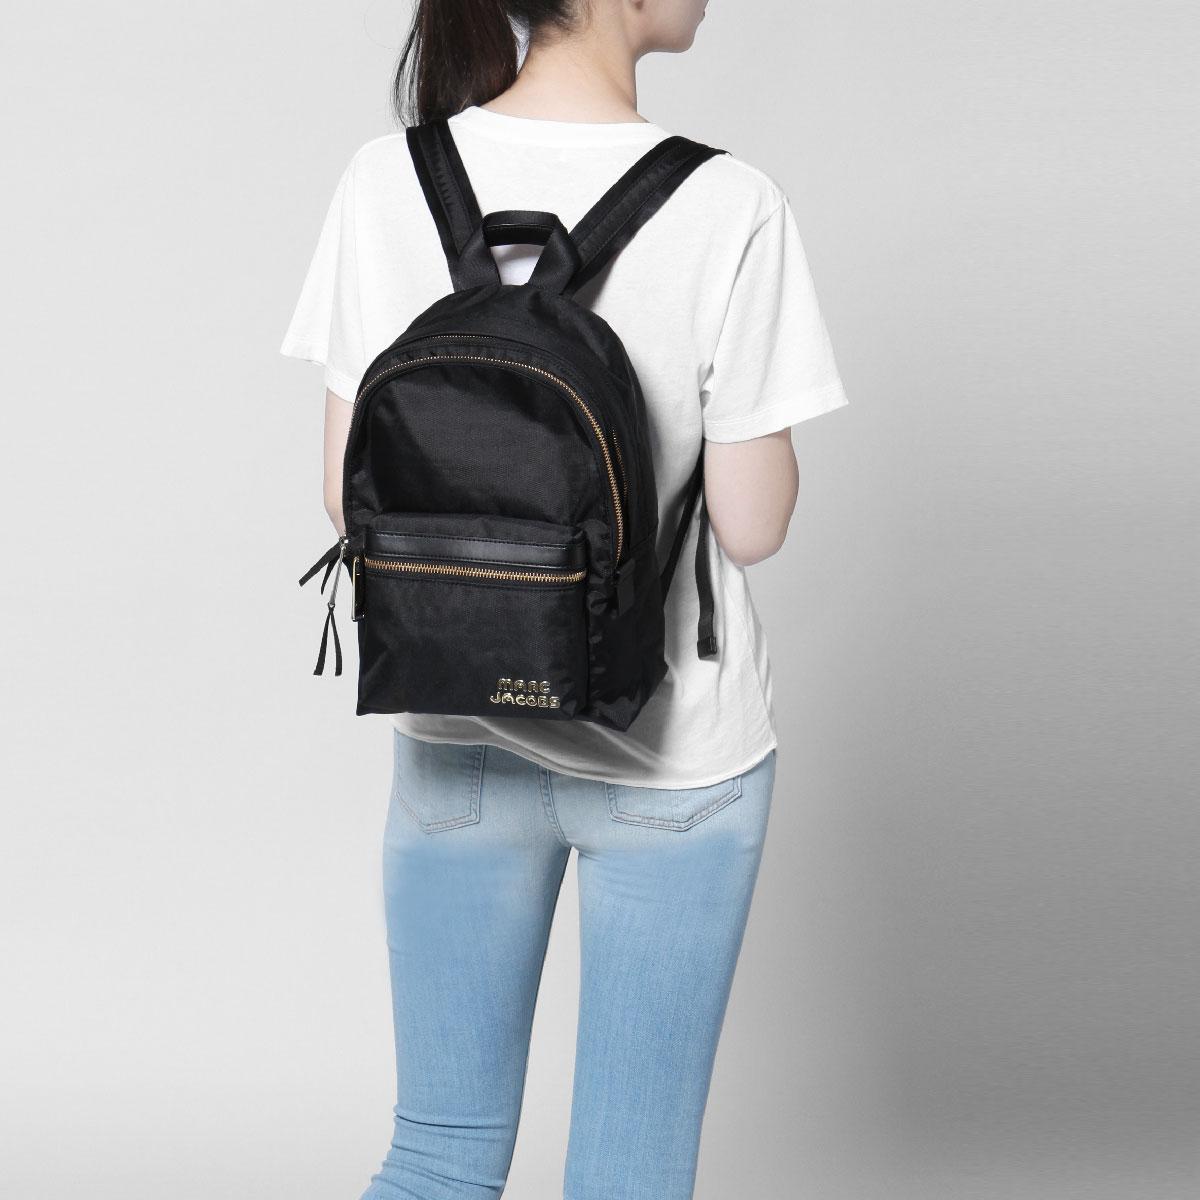 Mark Jacobs MARC JACOBS bag lady M0014031 001 backpack medium TREK PACK  trek pack BLACK black e1146180c8039